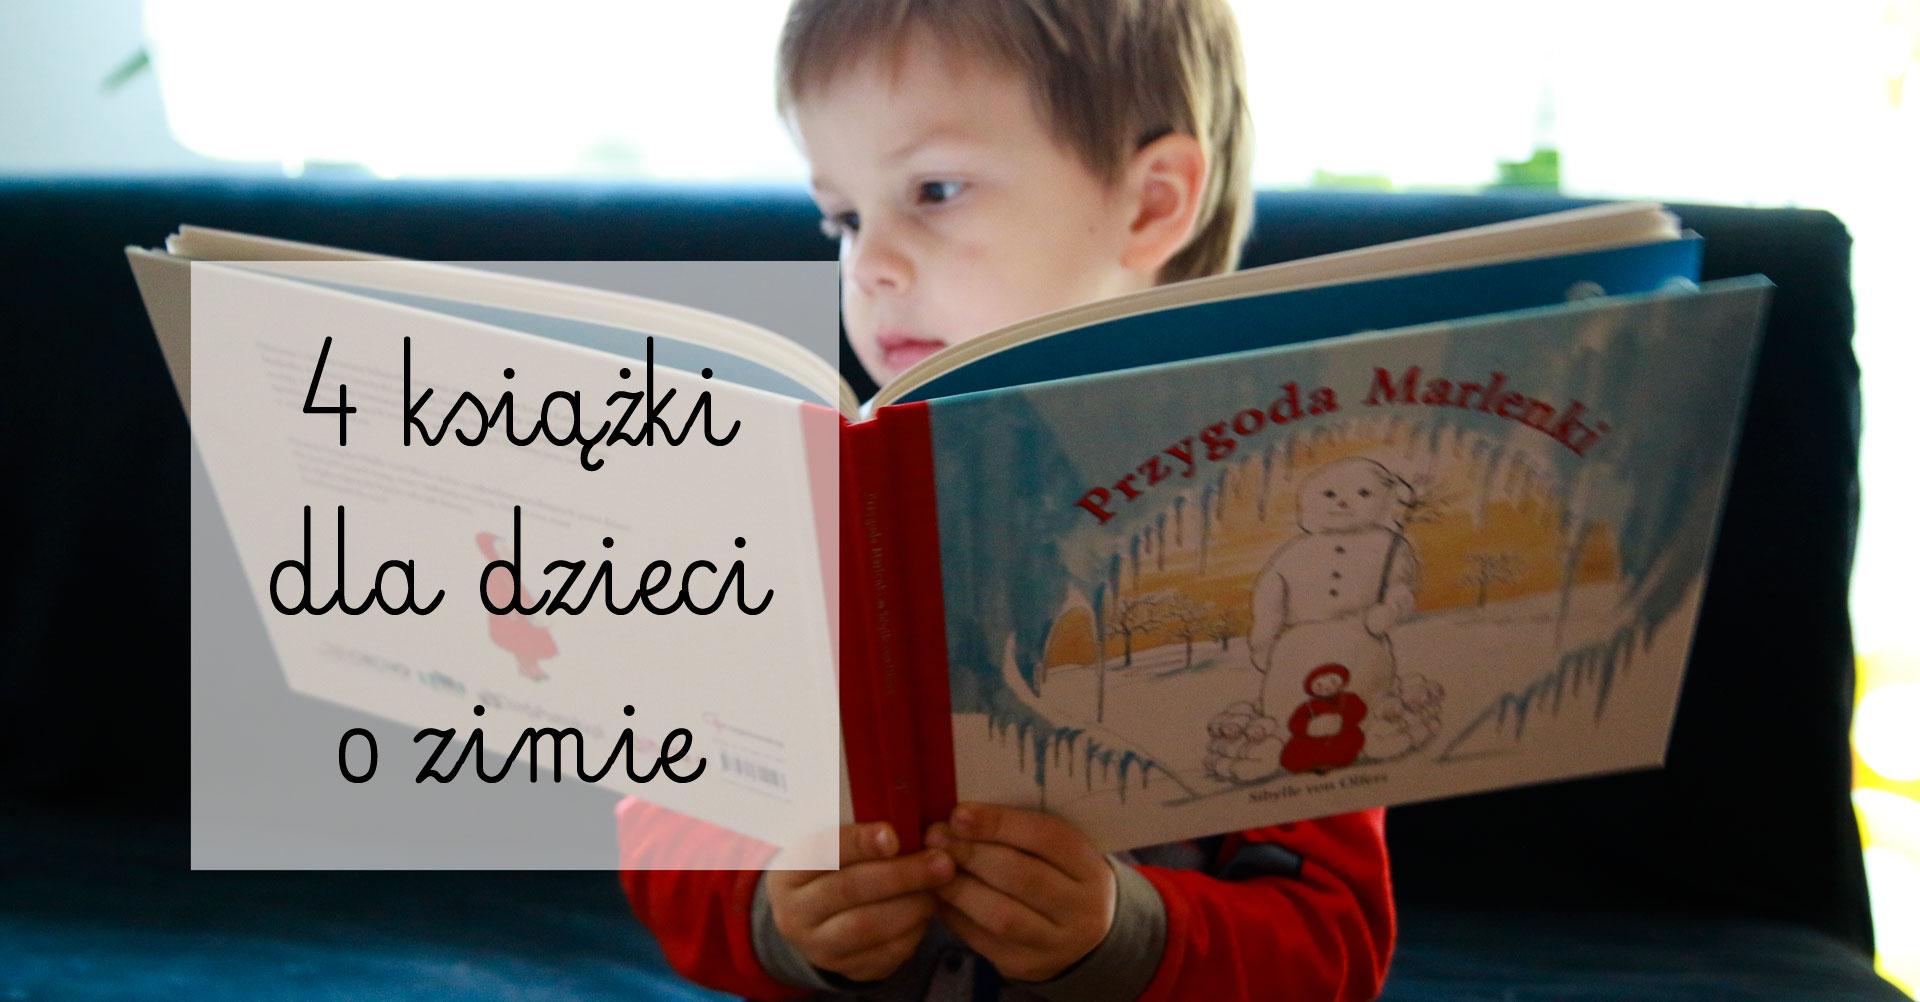 książki o zimie, książki dla dzieci, książki o zimie dla dzieci, przygody marlenki